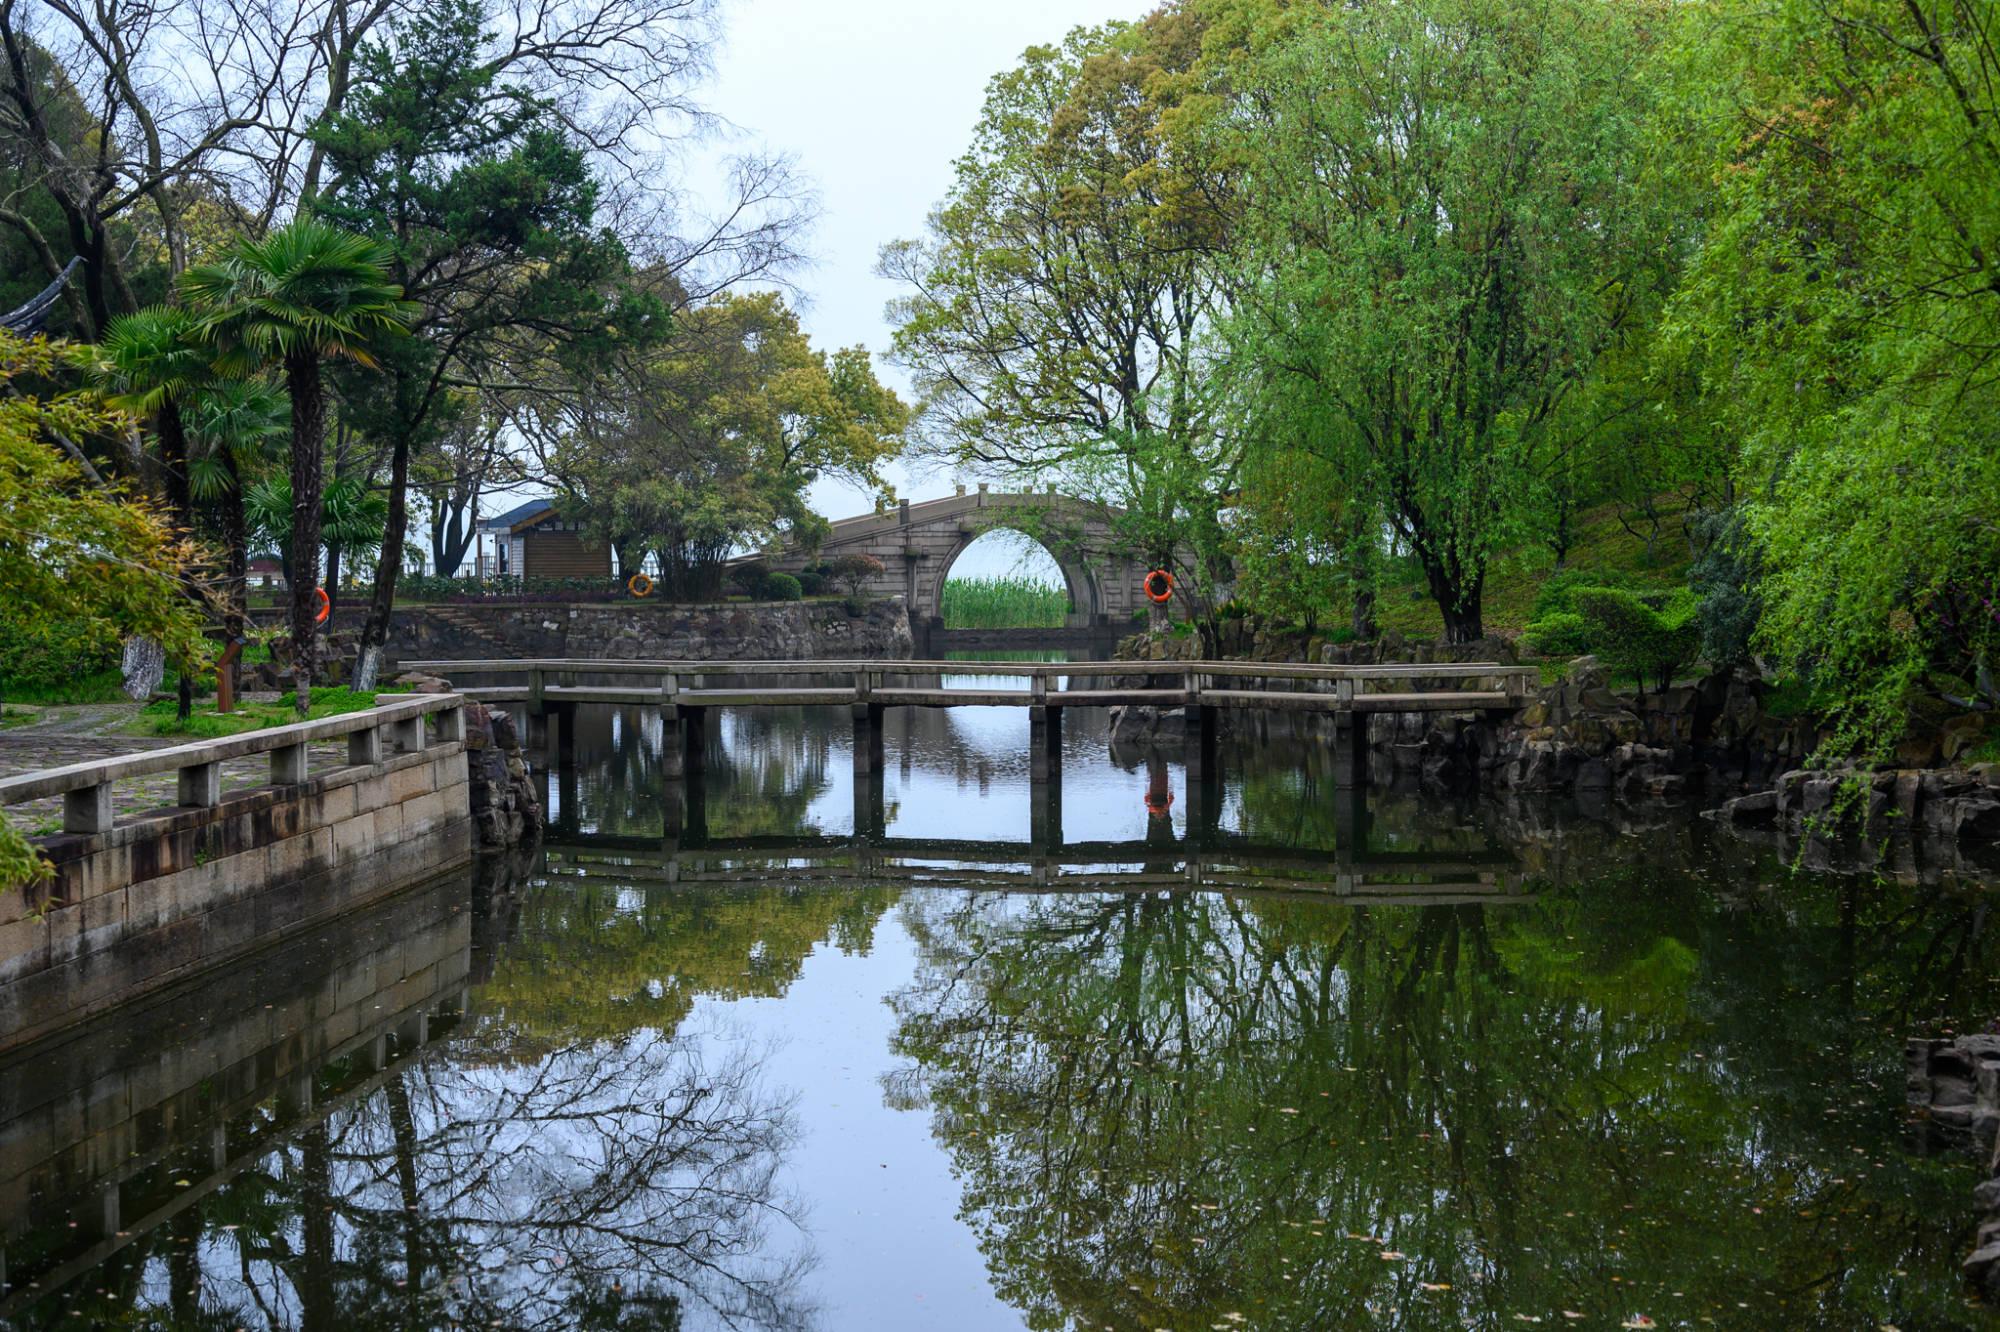 苏州唯一依山傍水的园林,藏在东山岛太湖之滨,知道的游客不多